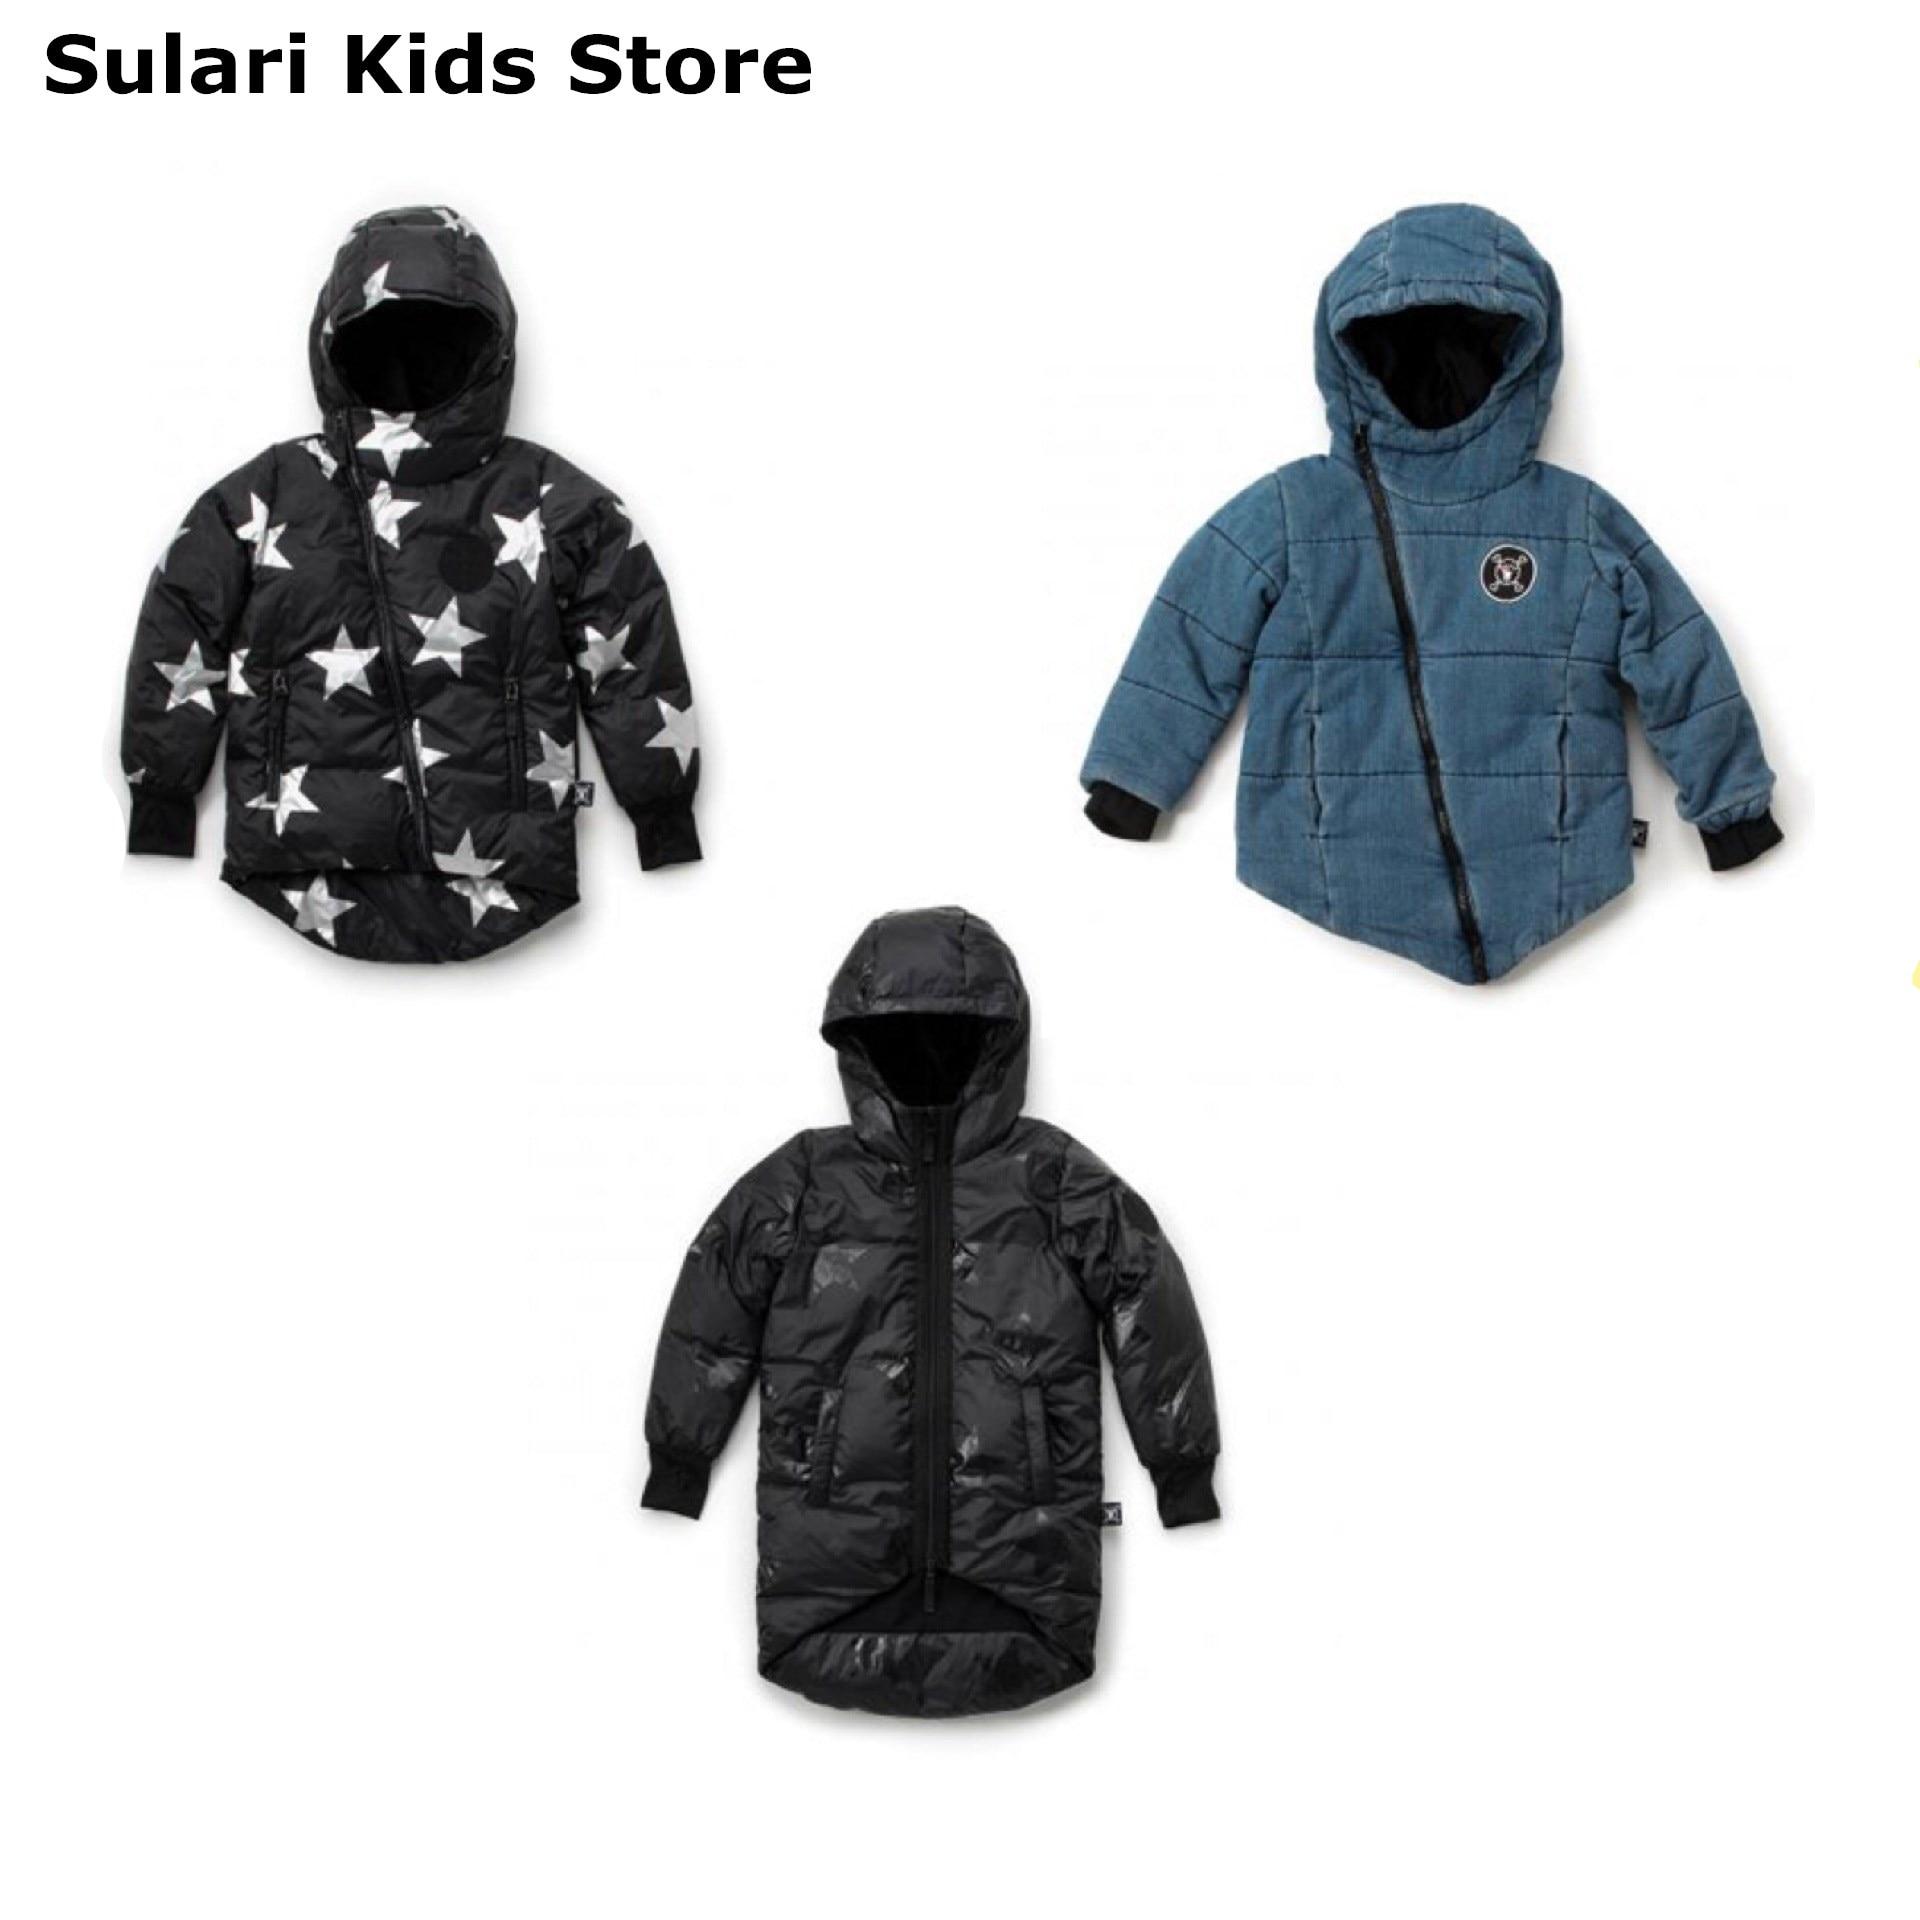 Manteau en duvet jean manteau vestes hiver vêtements noël enfants vêtements fille hiver veste paillettes vestidos de invierno para bebe